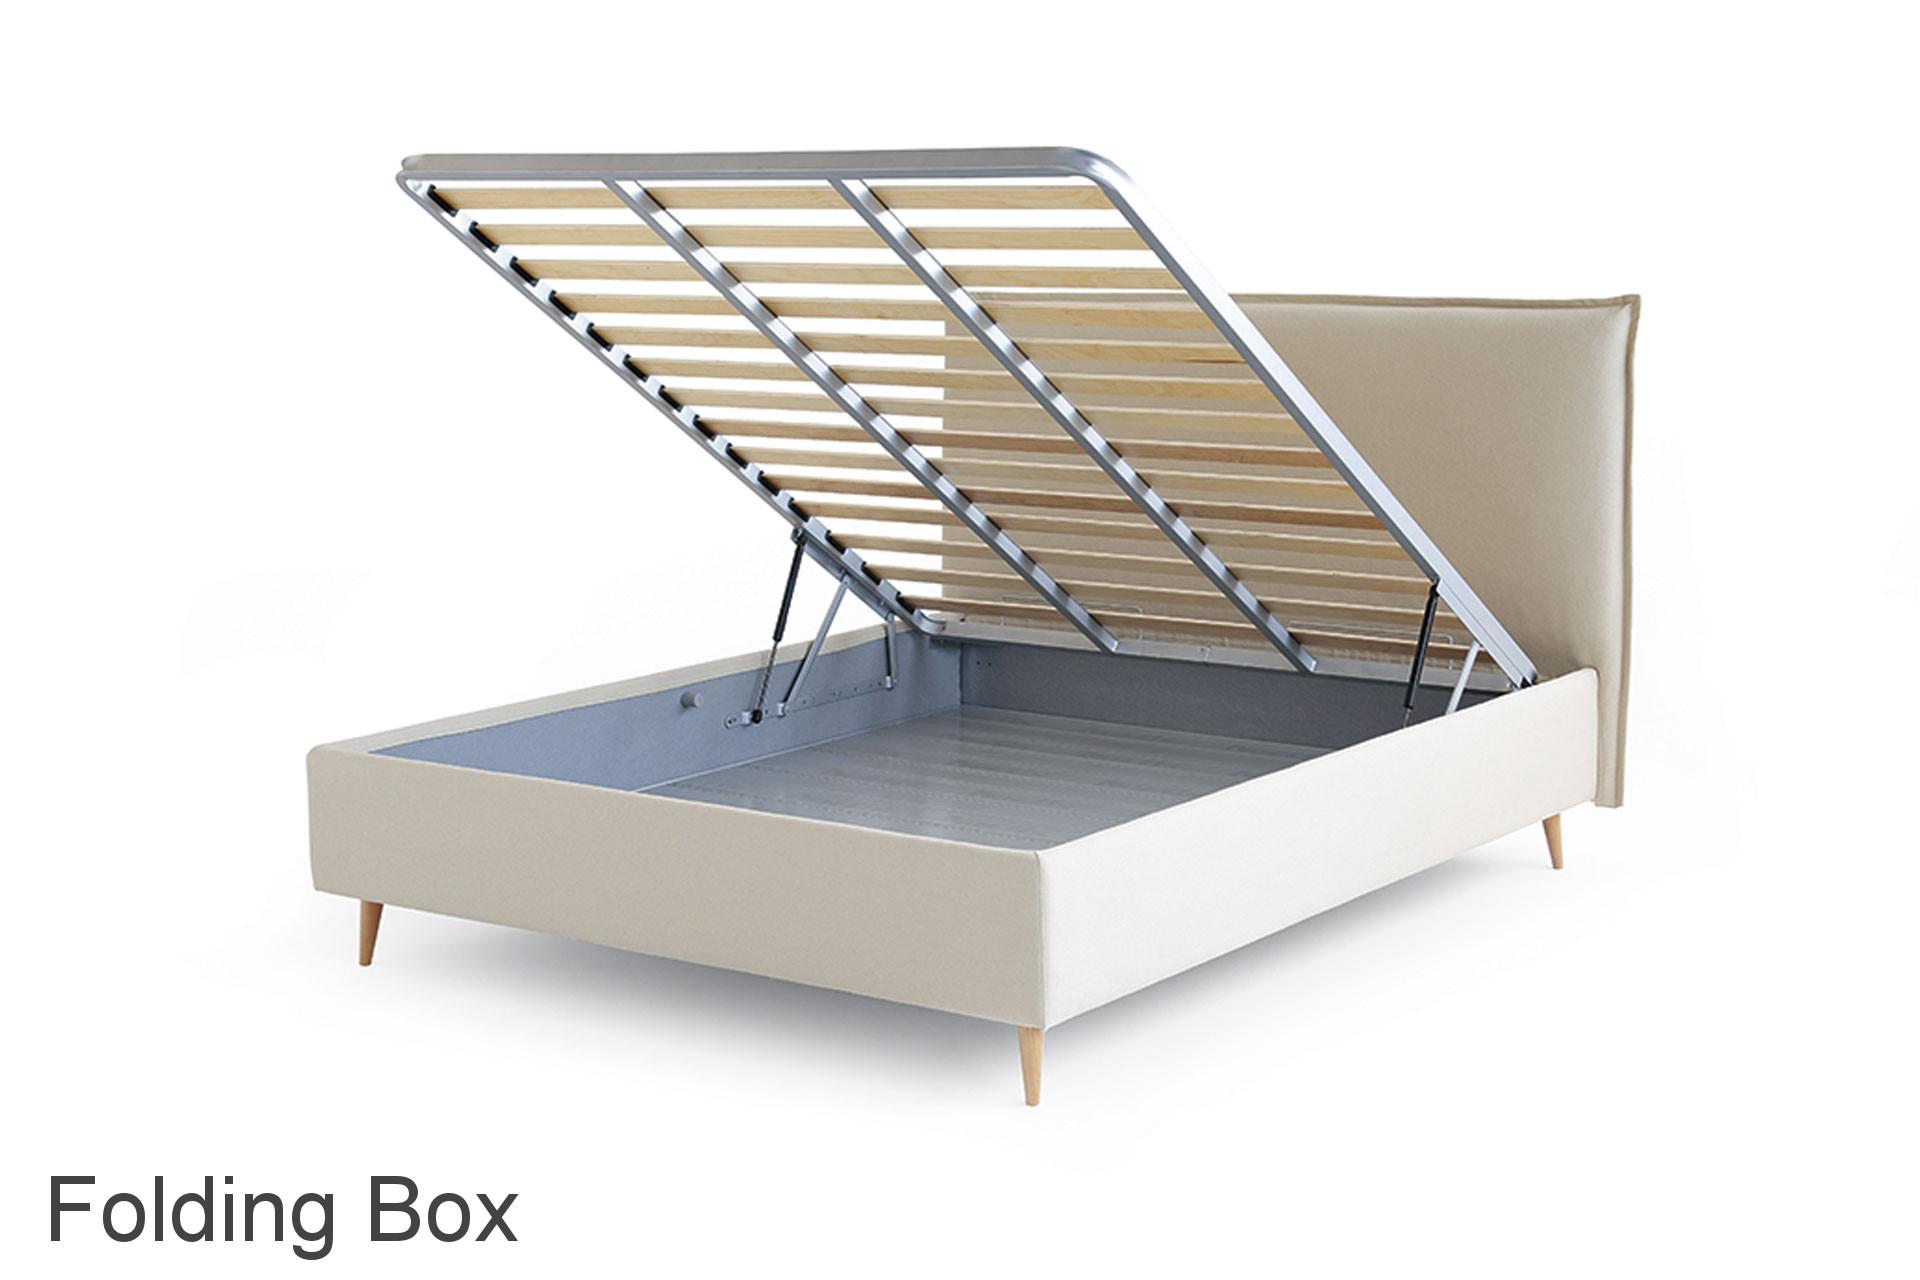 Letto eden advance materassi materassi bologna sogni for Noctis folding box